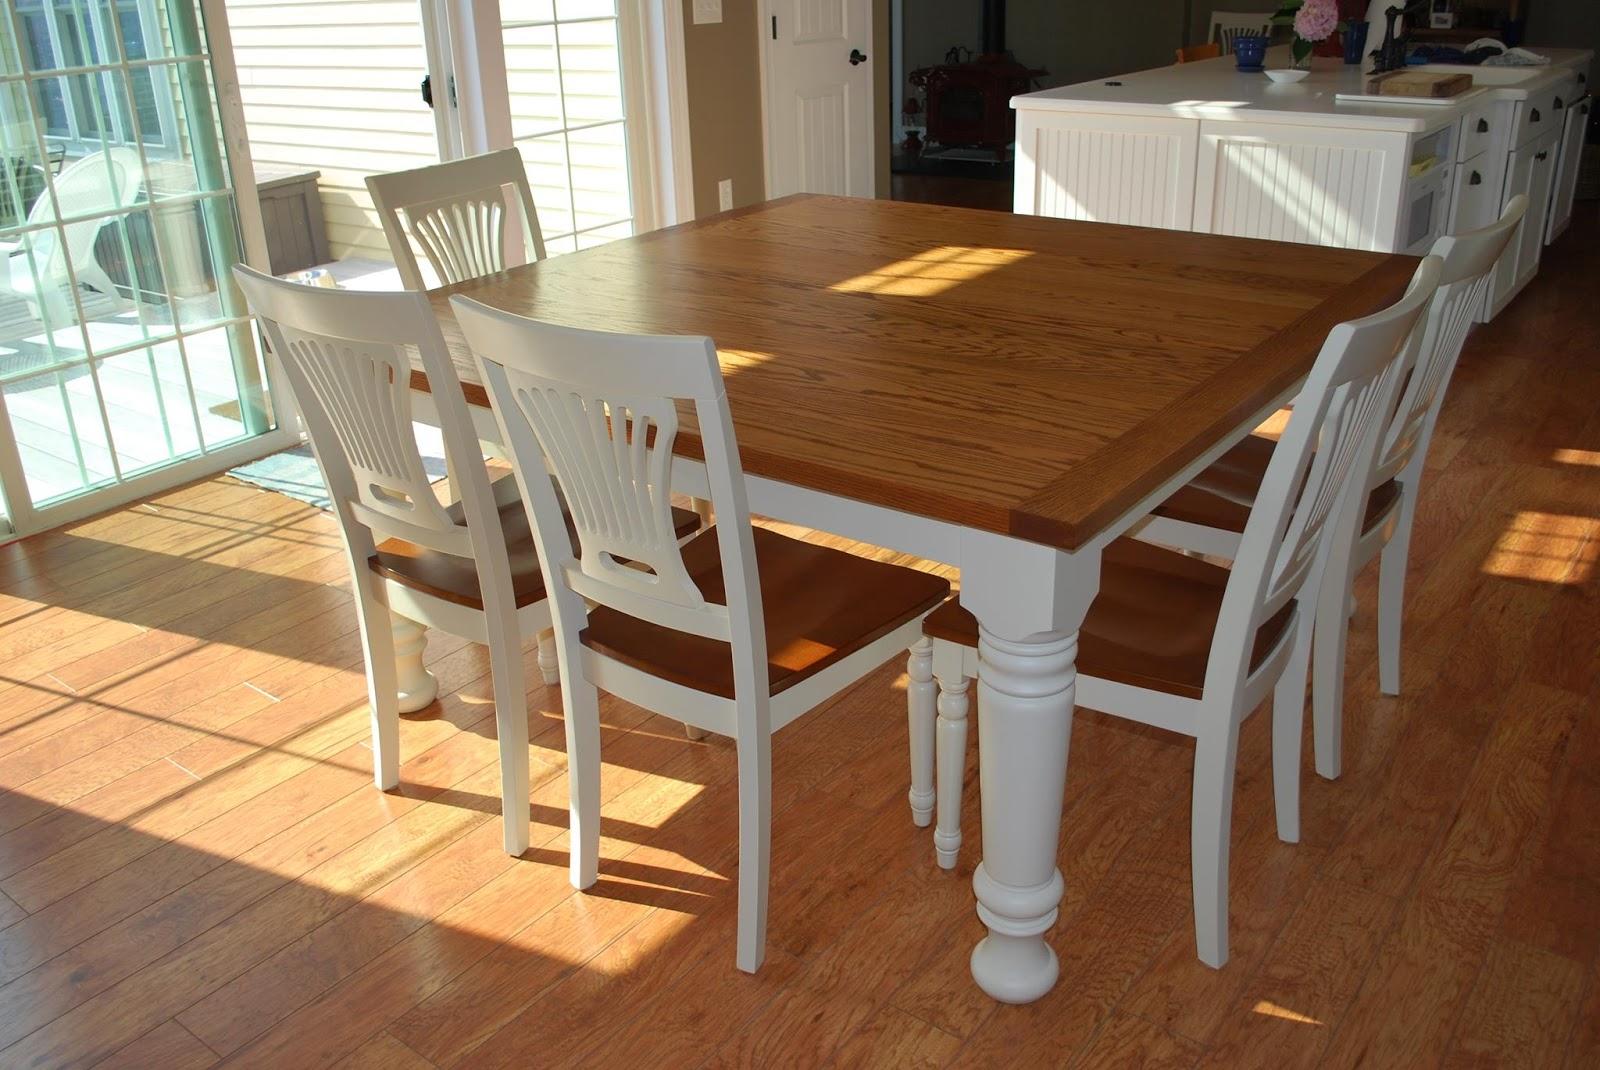 Famous Oak Farmhouse Chairs Best Image Source